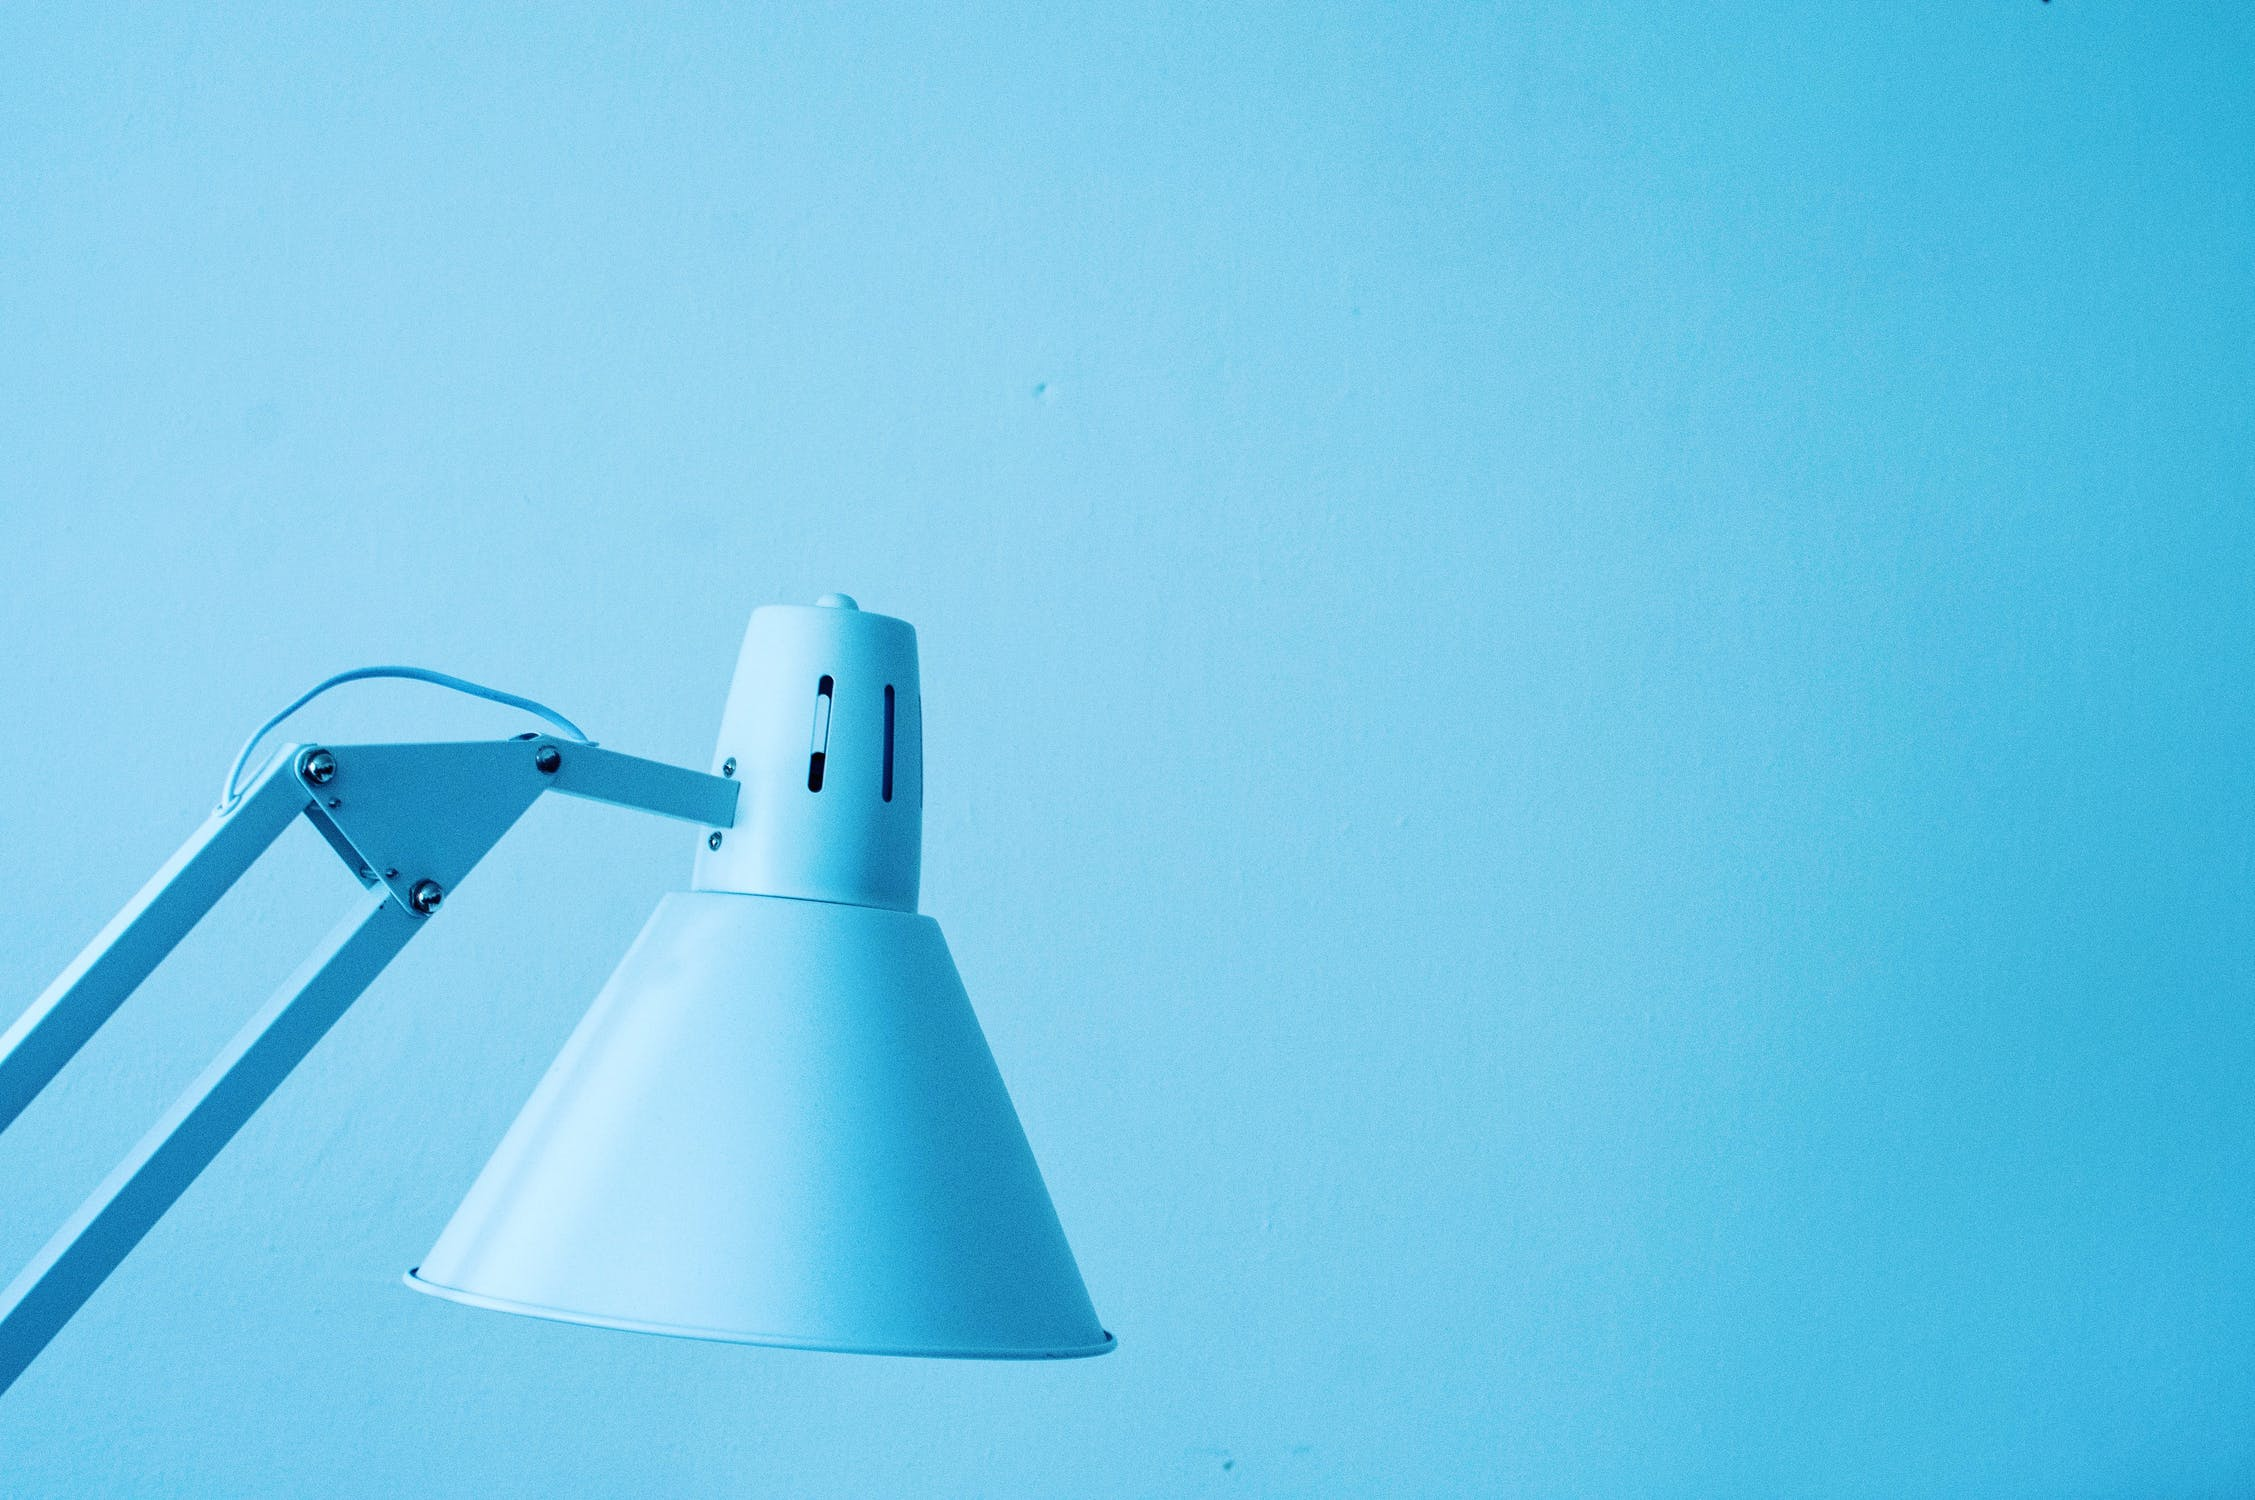 アイデアには価値がないって本当?起業初心者が必ずするべきアイデアを形にする5つの実践法